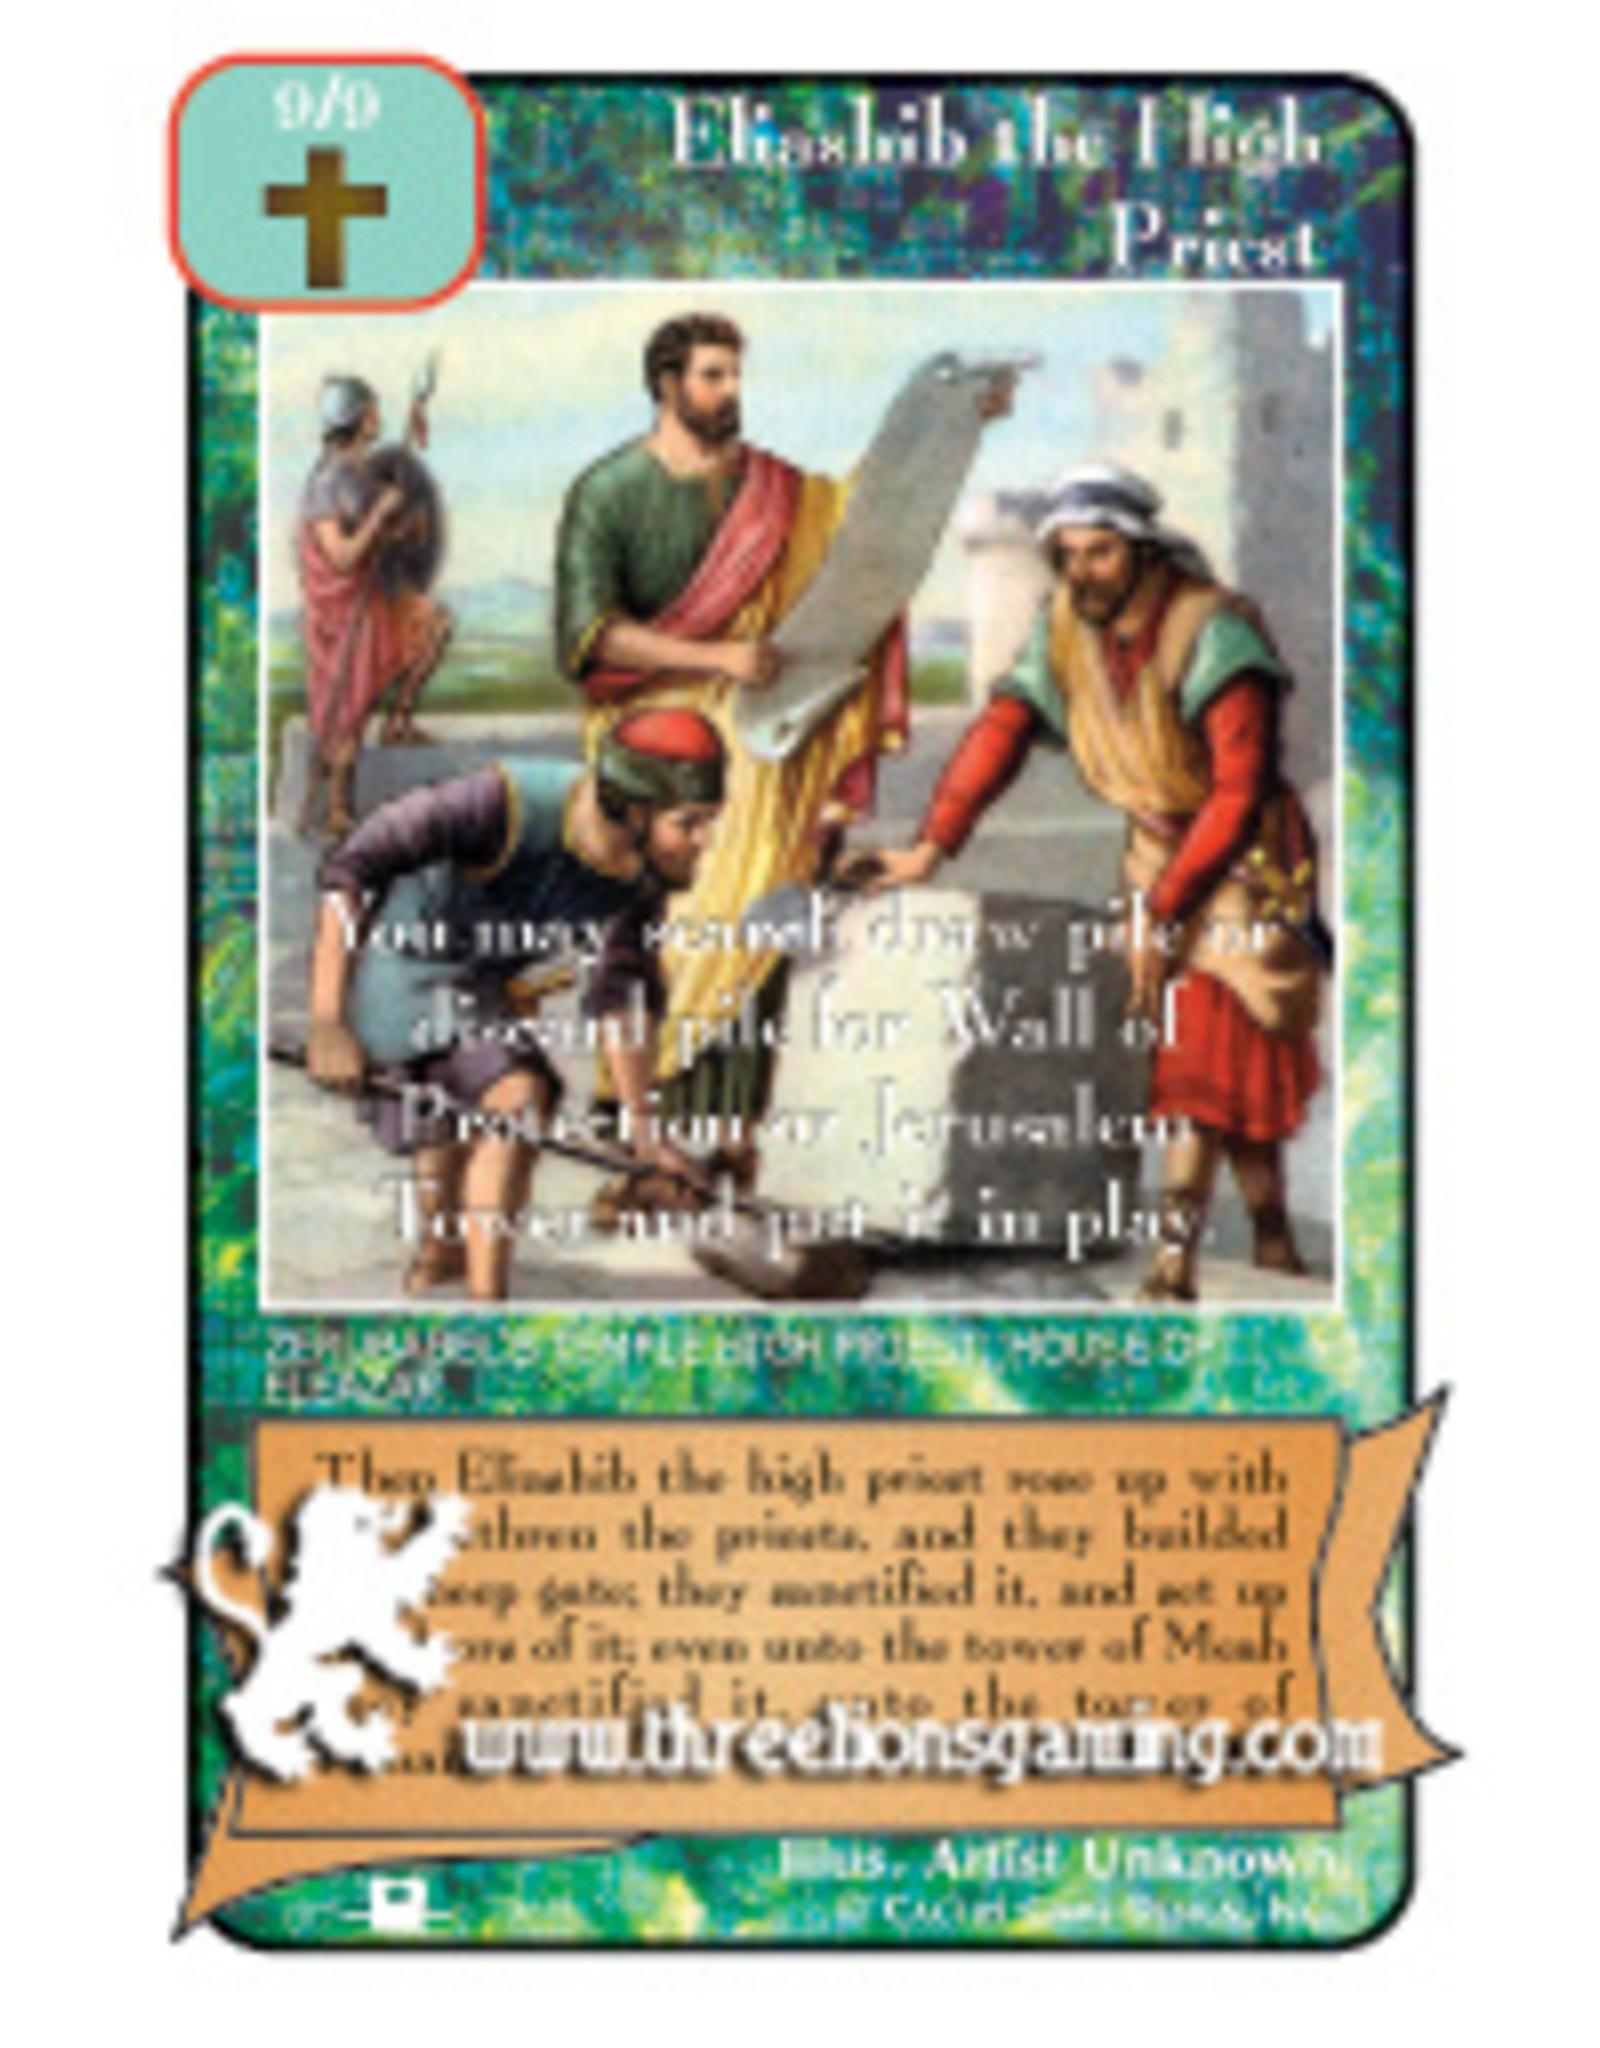 Eliashib the High Priest (PS)